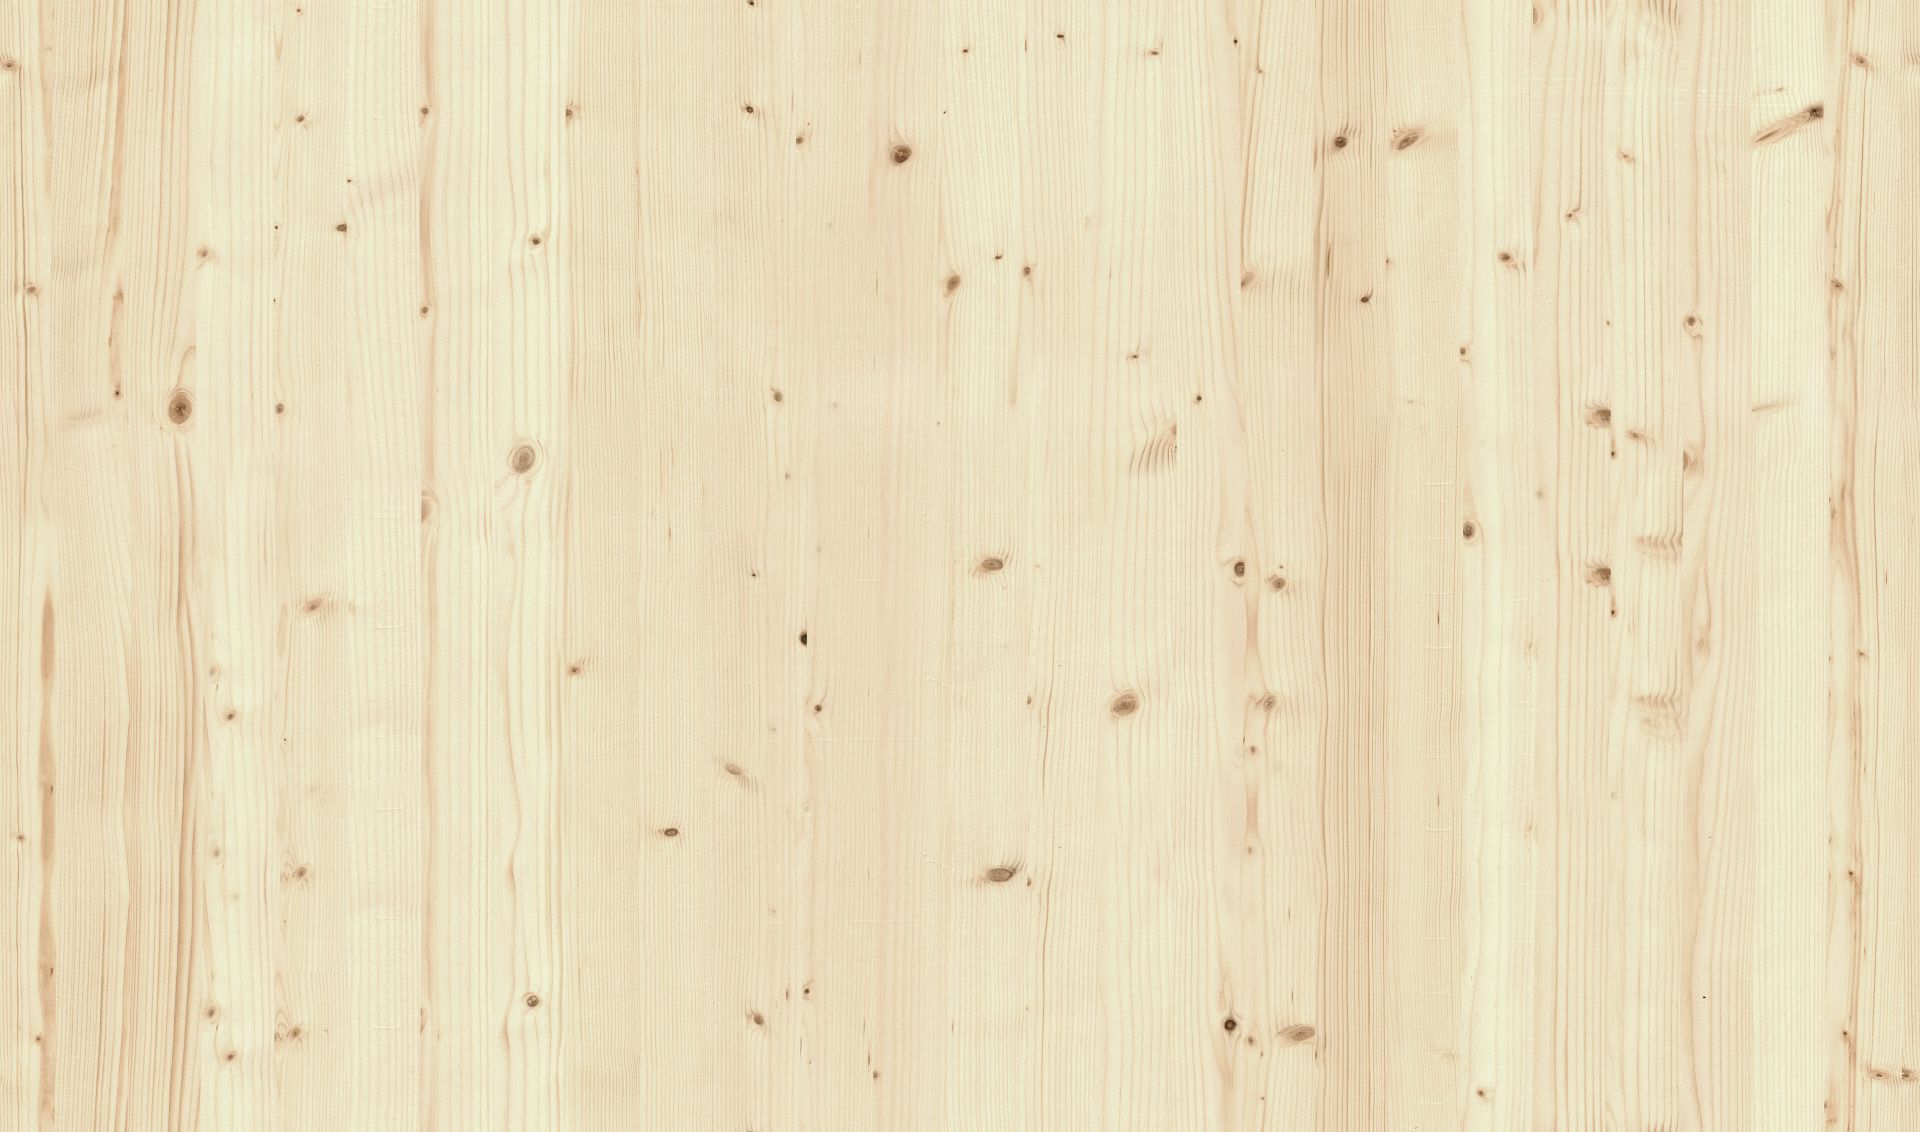 Spruce Wood Flyingarchitecture